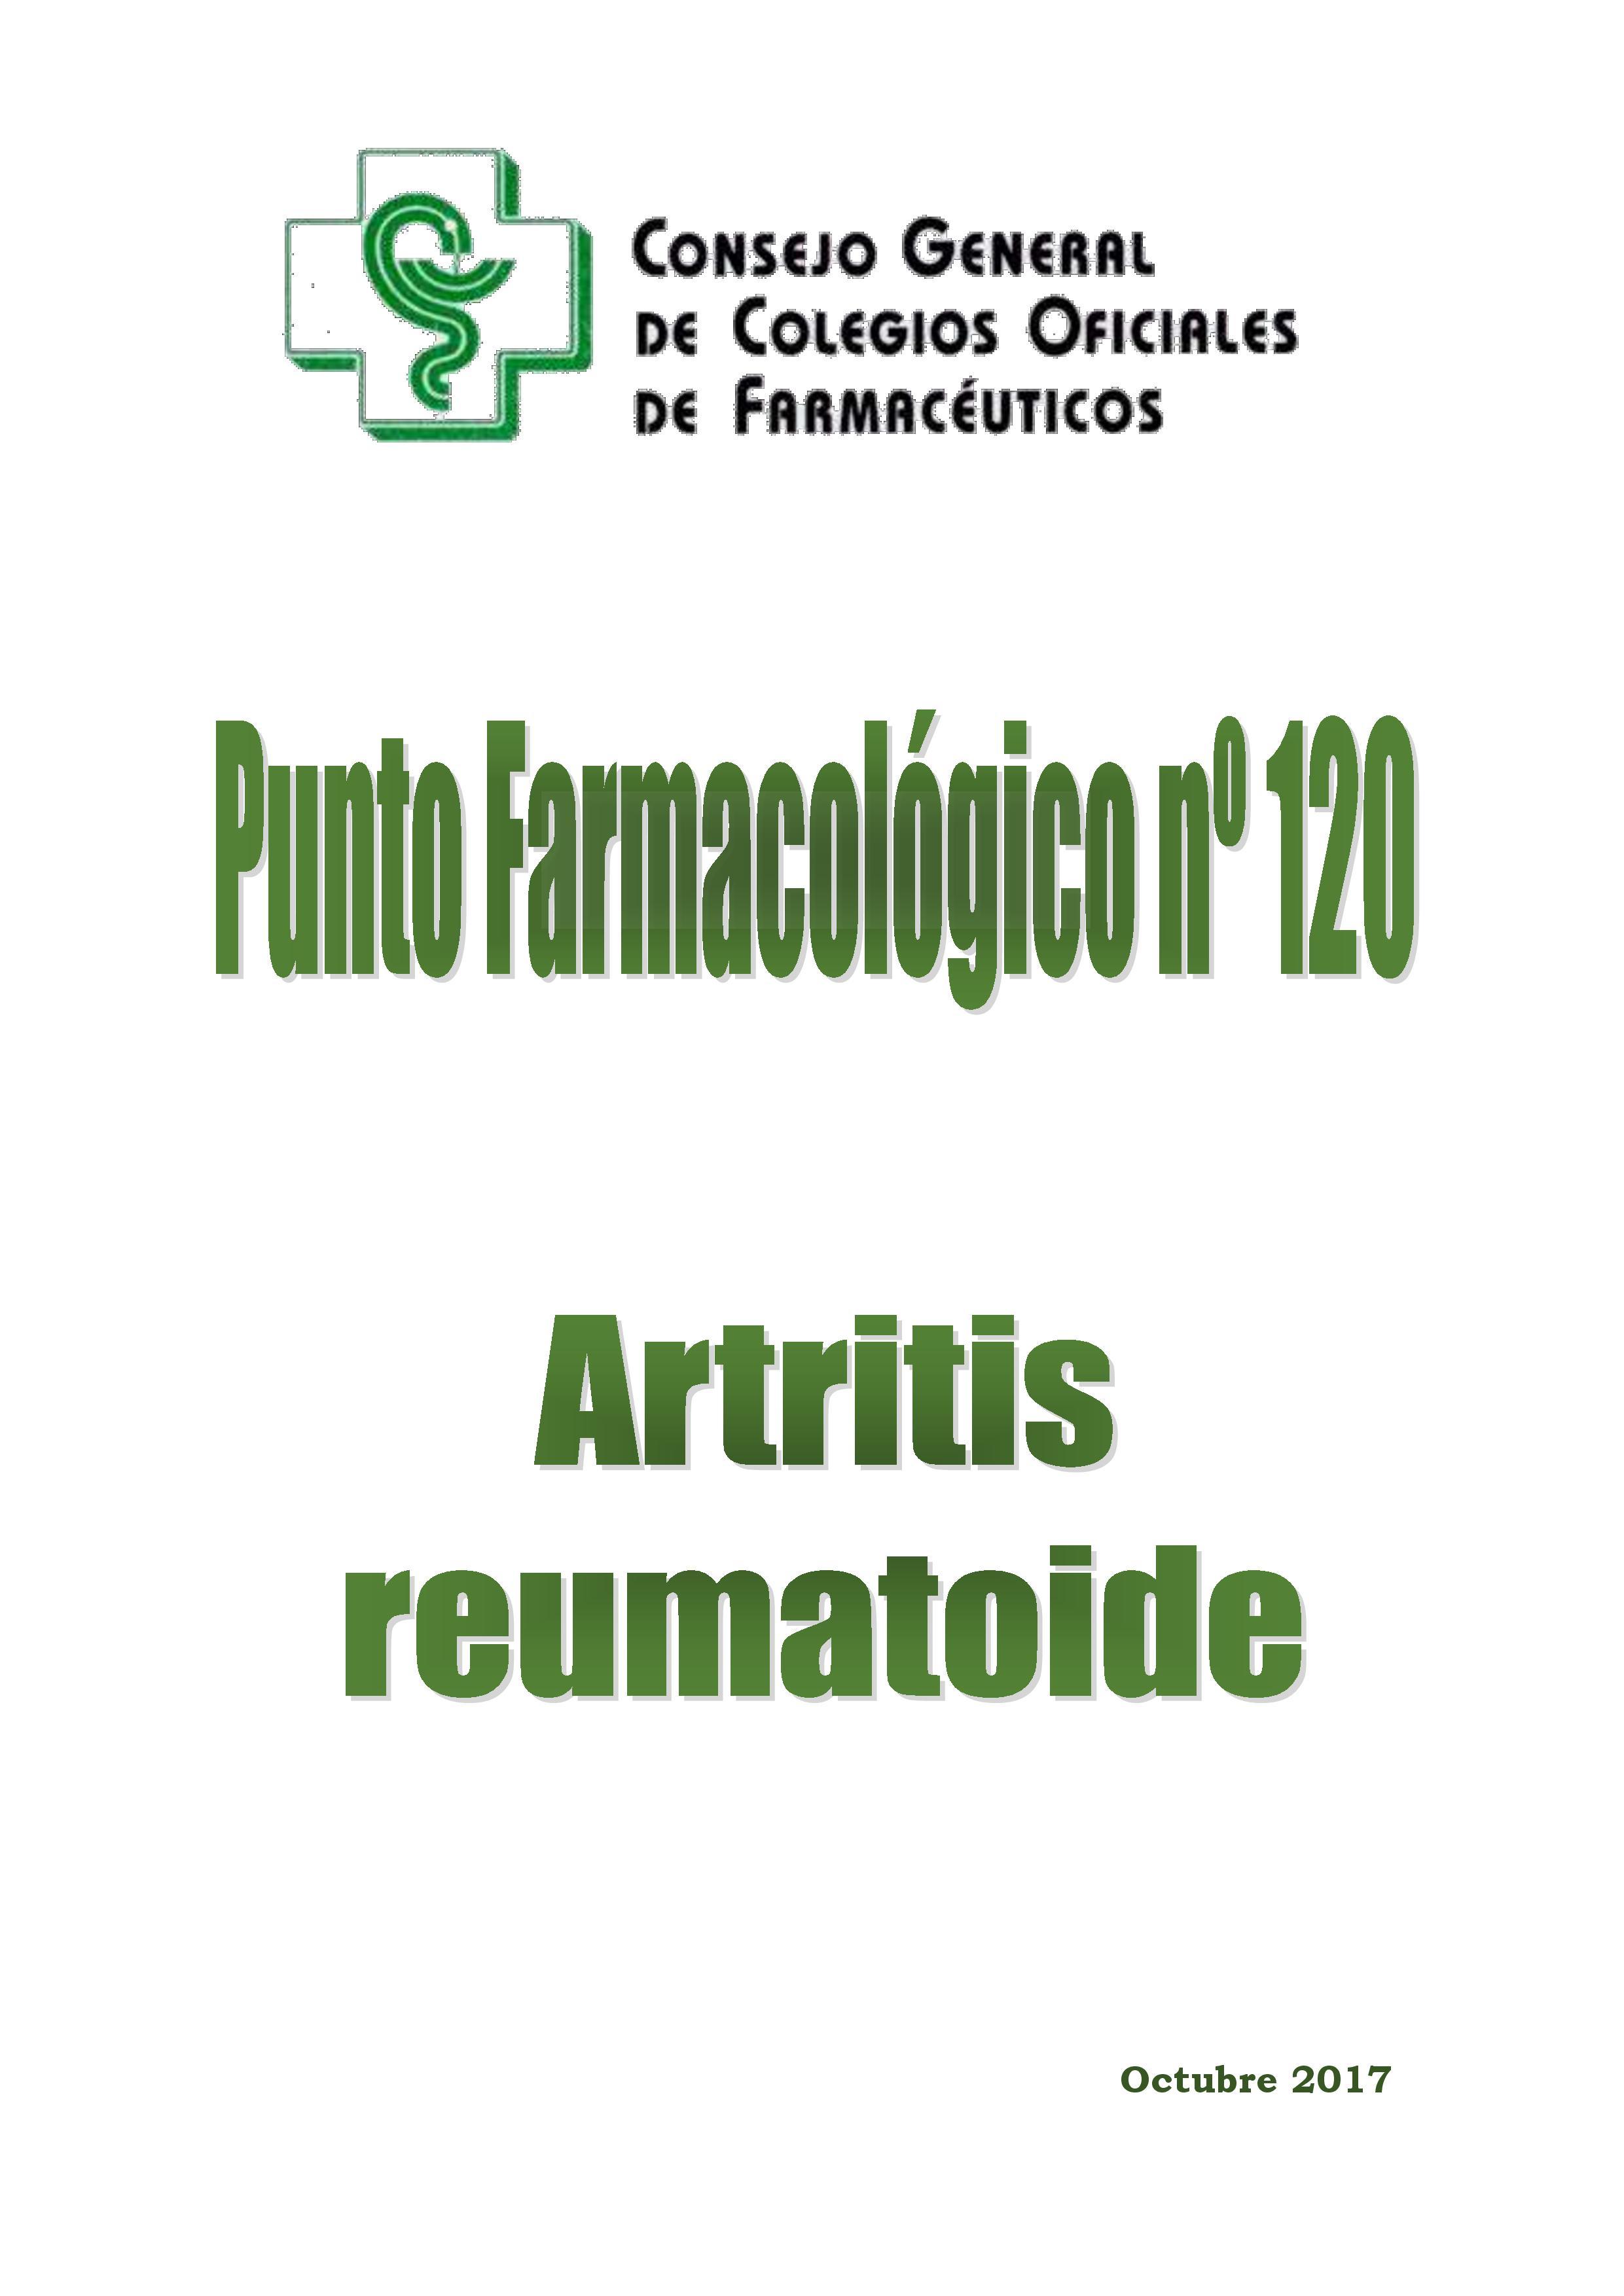 Artritis reumatoide – Punto Farmacológico Nº 120